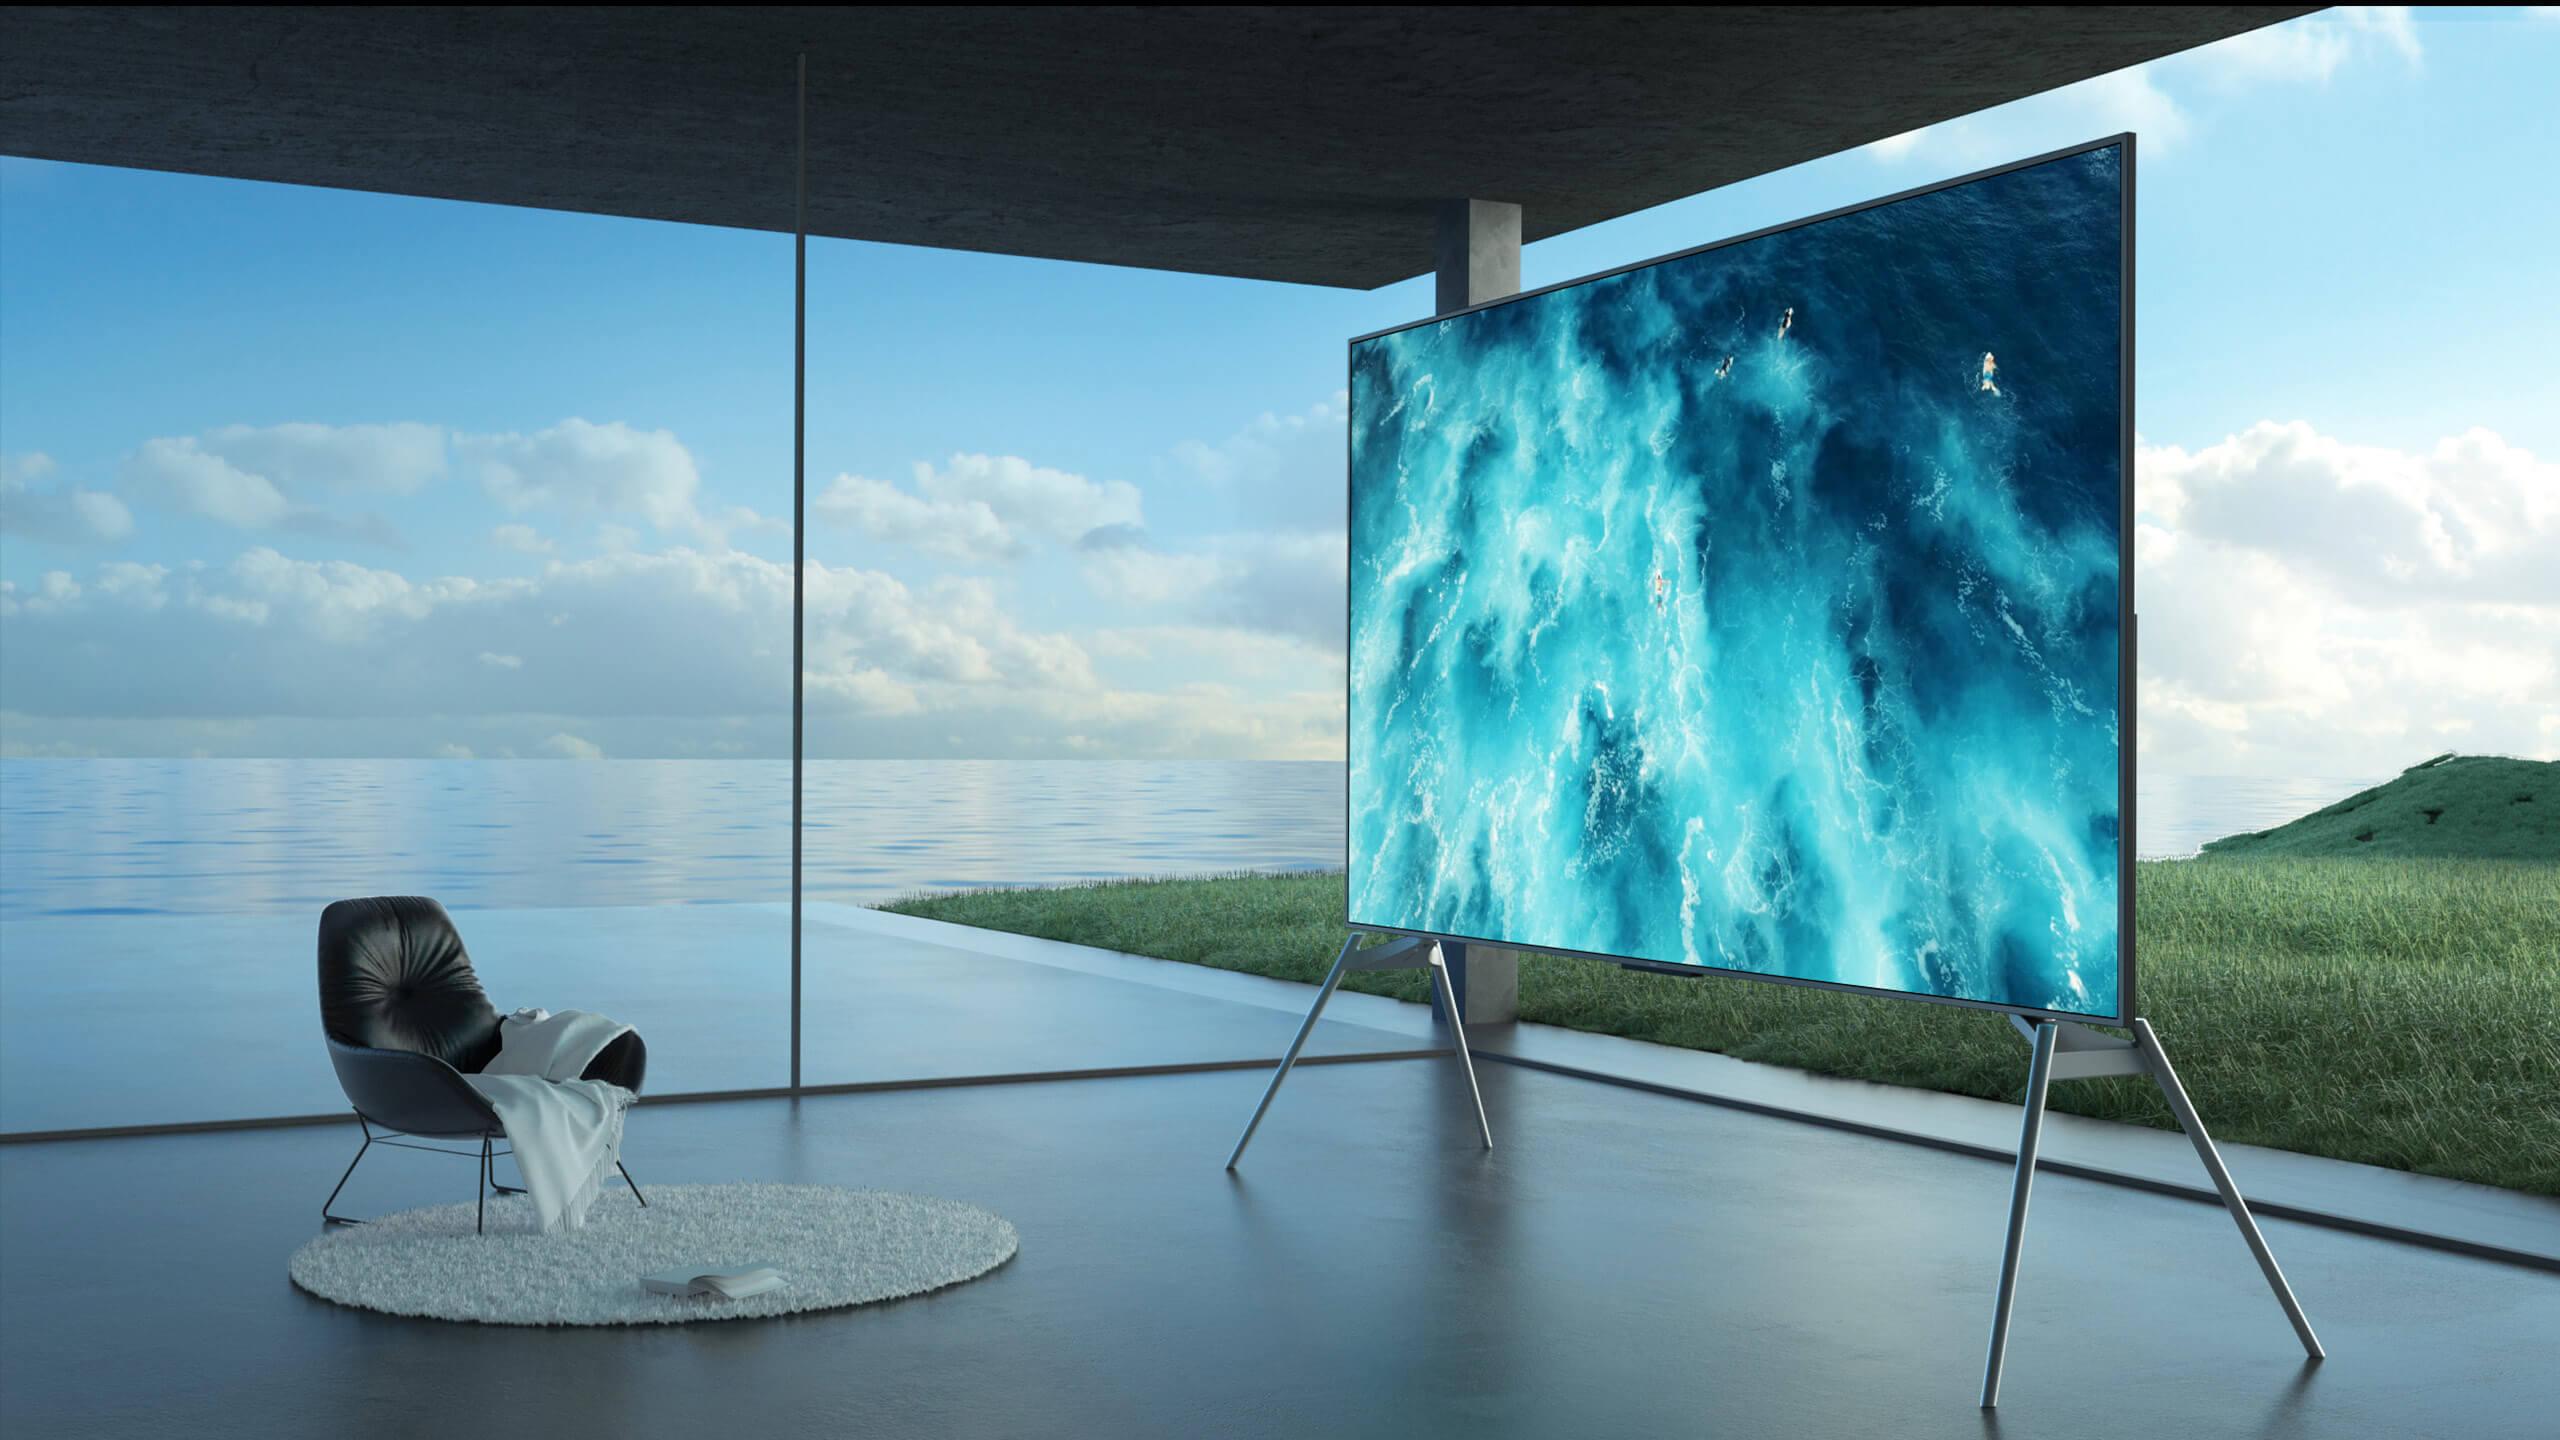 Redmi TV Max 98